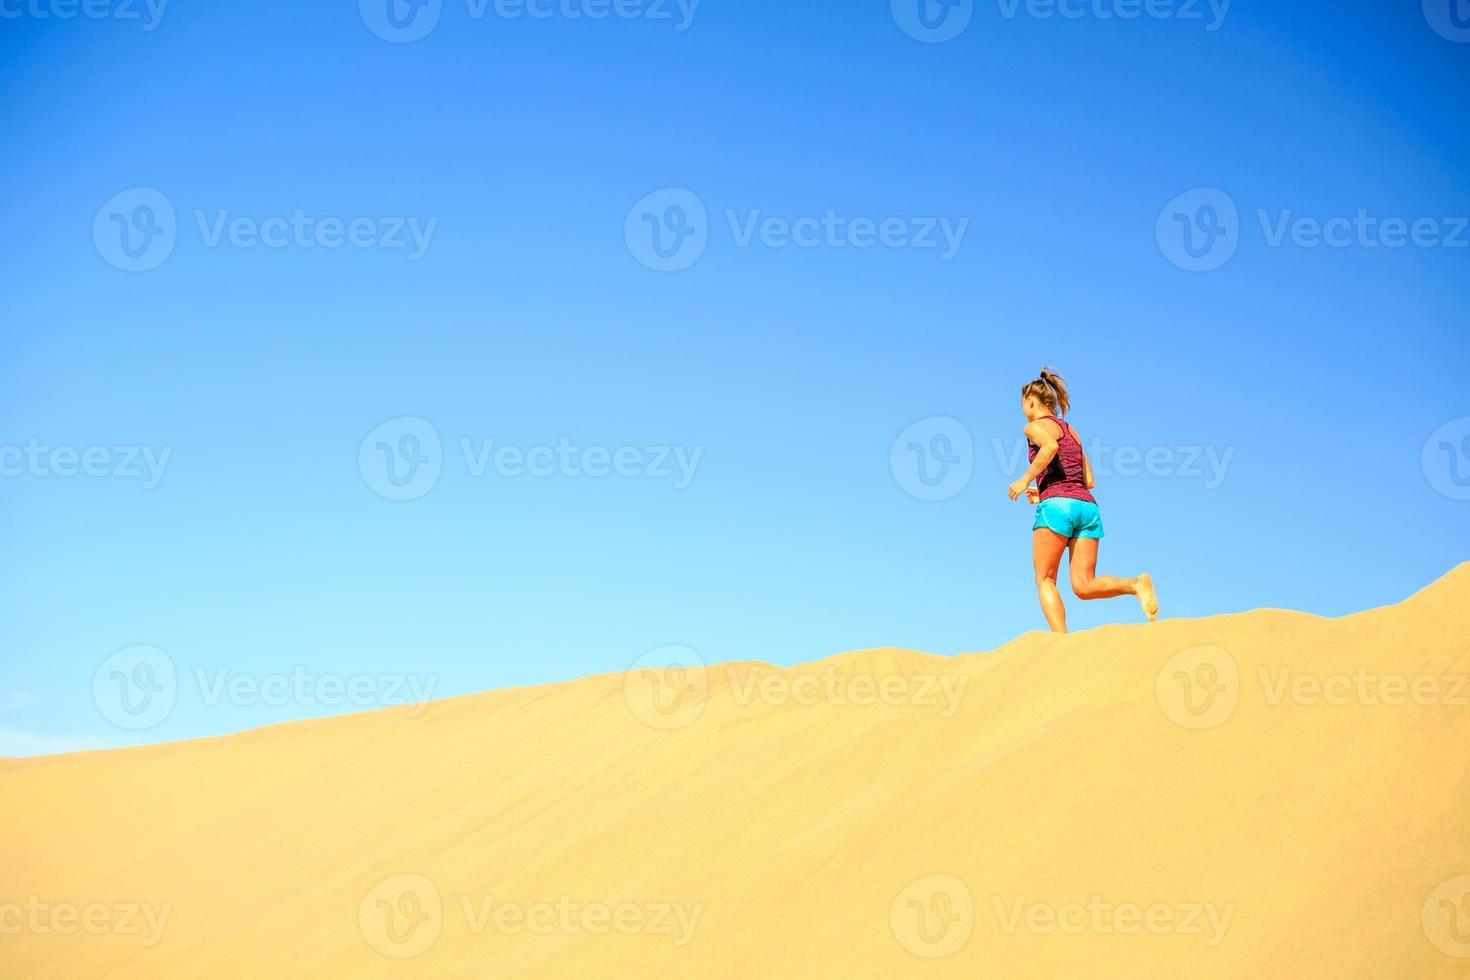 kvinna kör på sand öken sanddyner foto